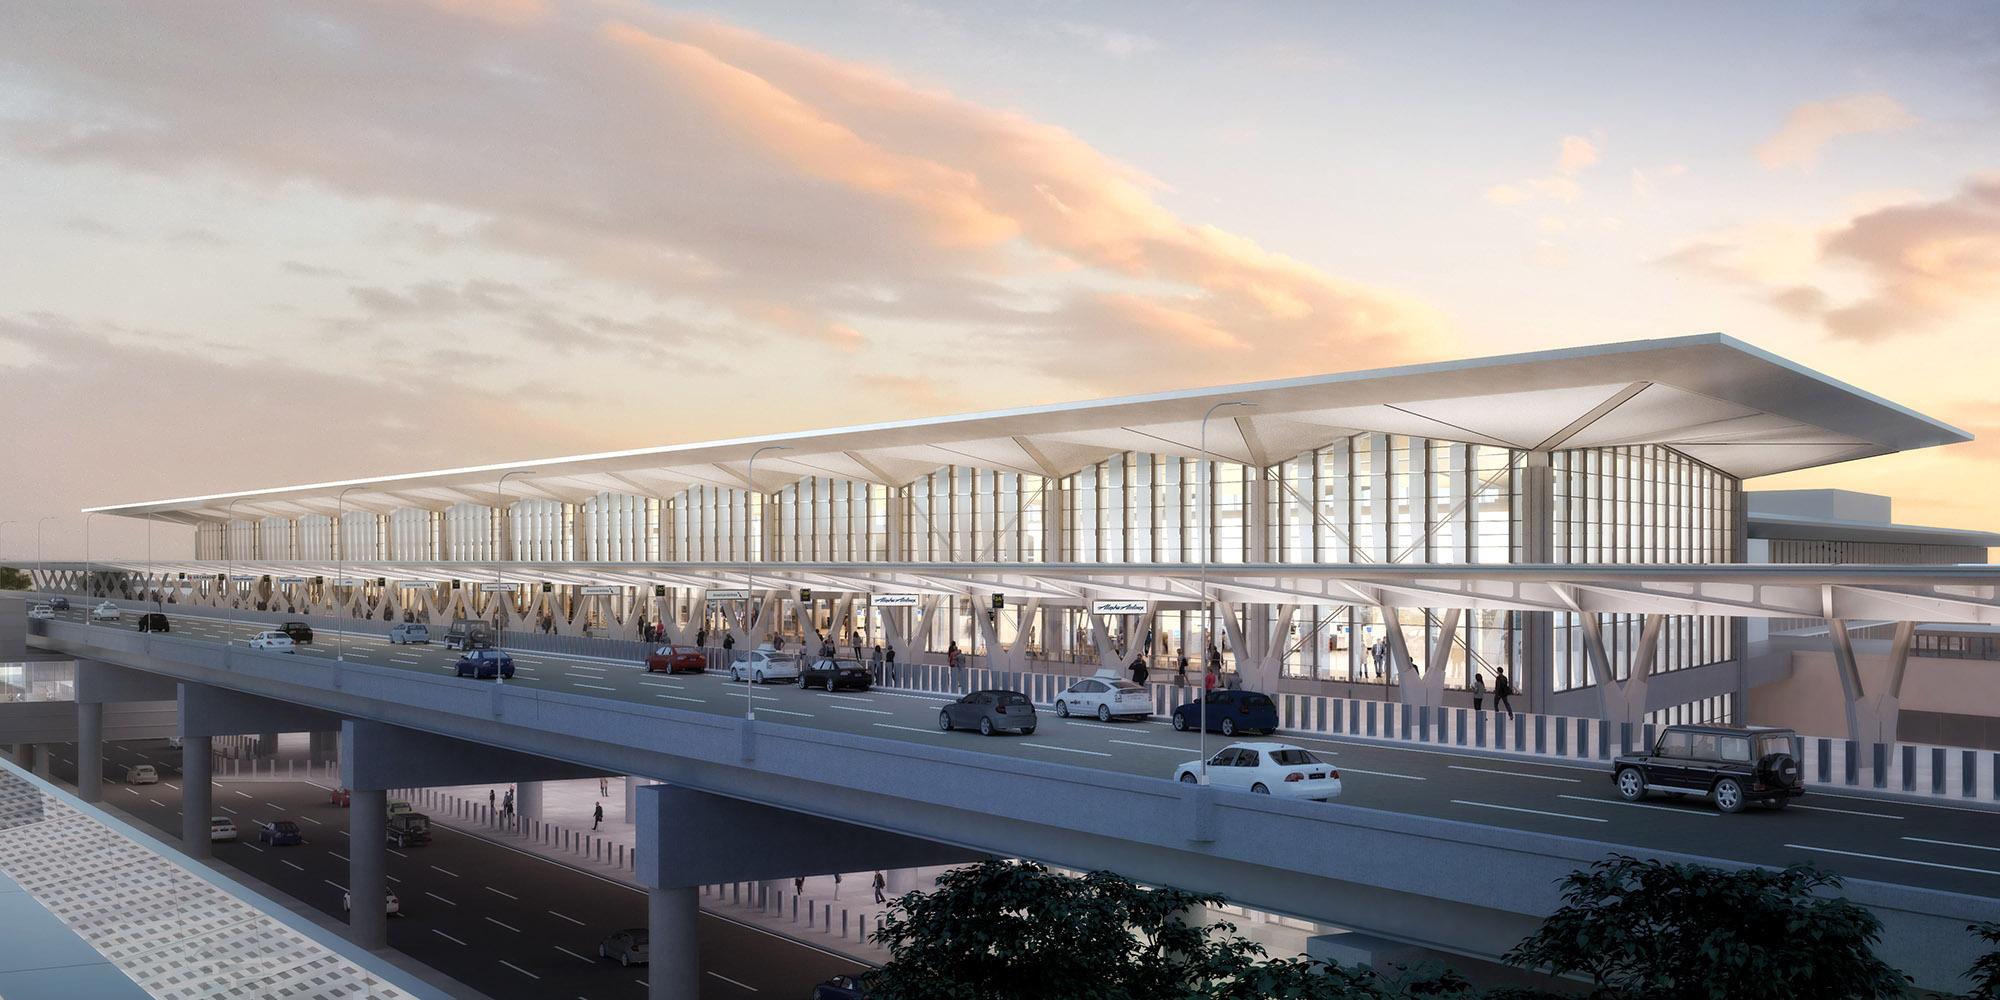 Aeroporto Ewr : Ewr terminal one